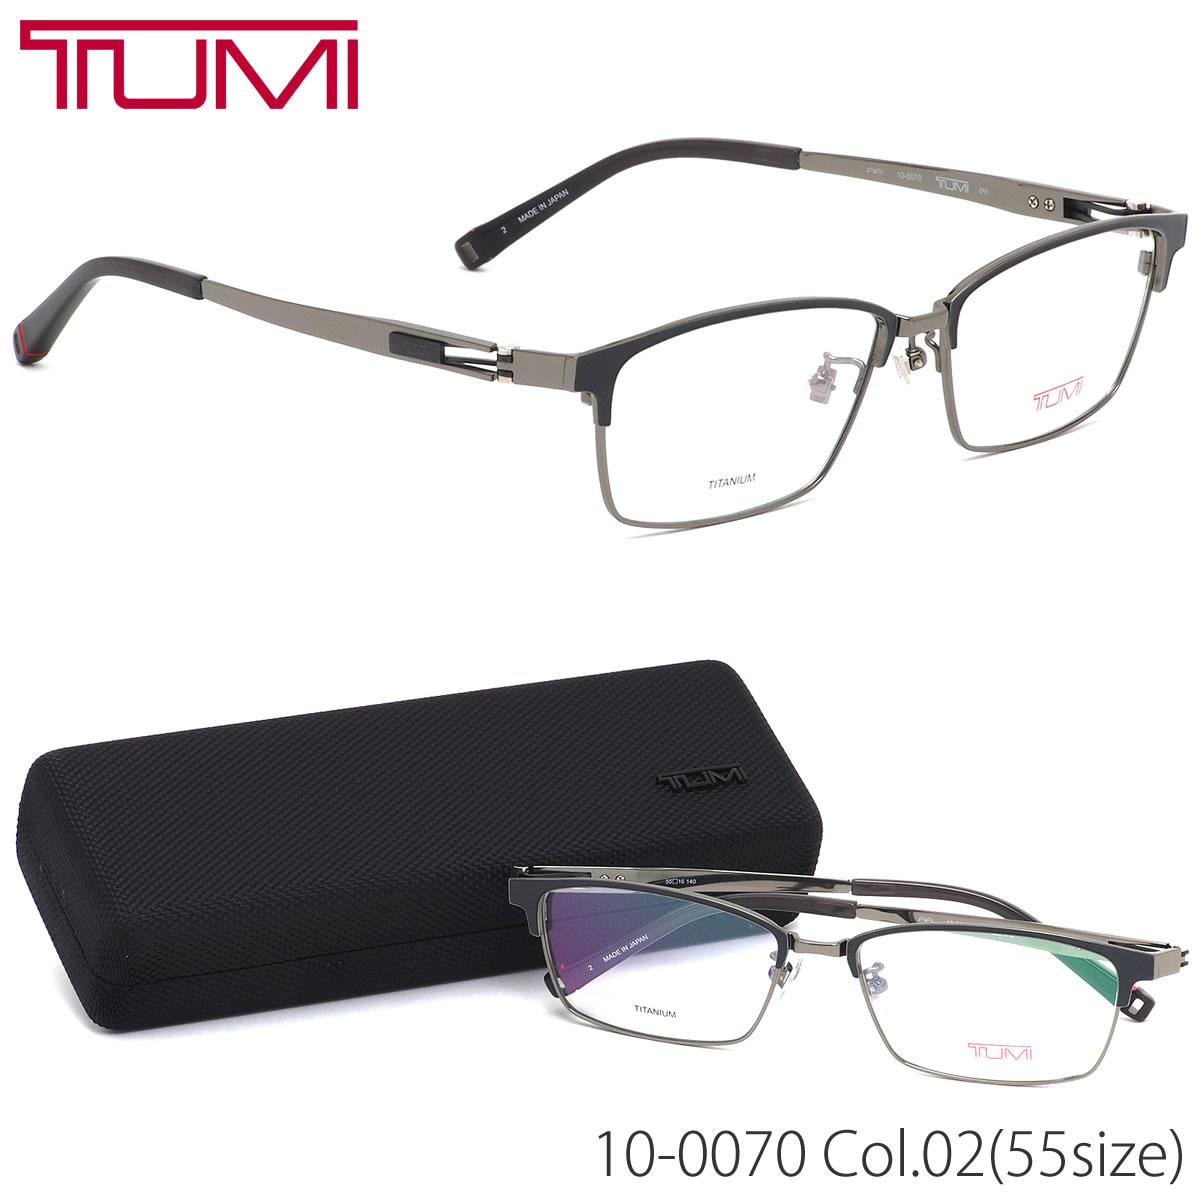 ポイント最大42倍!!お得なクーポンも !! トゥミ TUMI メガネ10-0070 02 55サイズスクエア チタニウム チタン 軽量 シンプル スマート ビジネストゥミ TUMI メンズ レディース